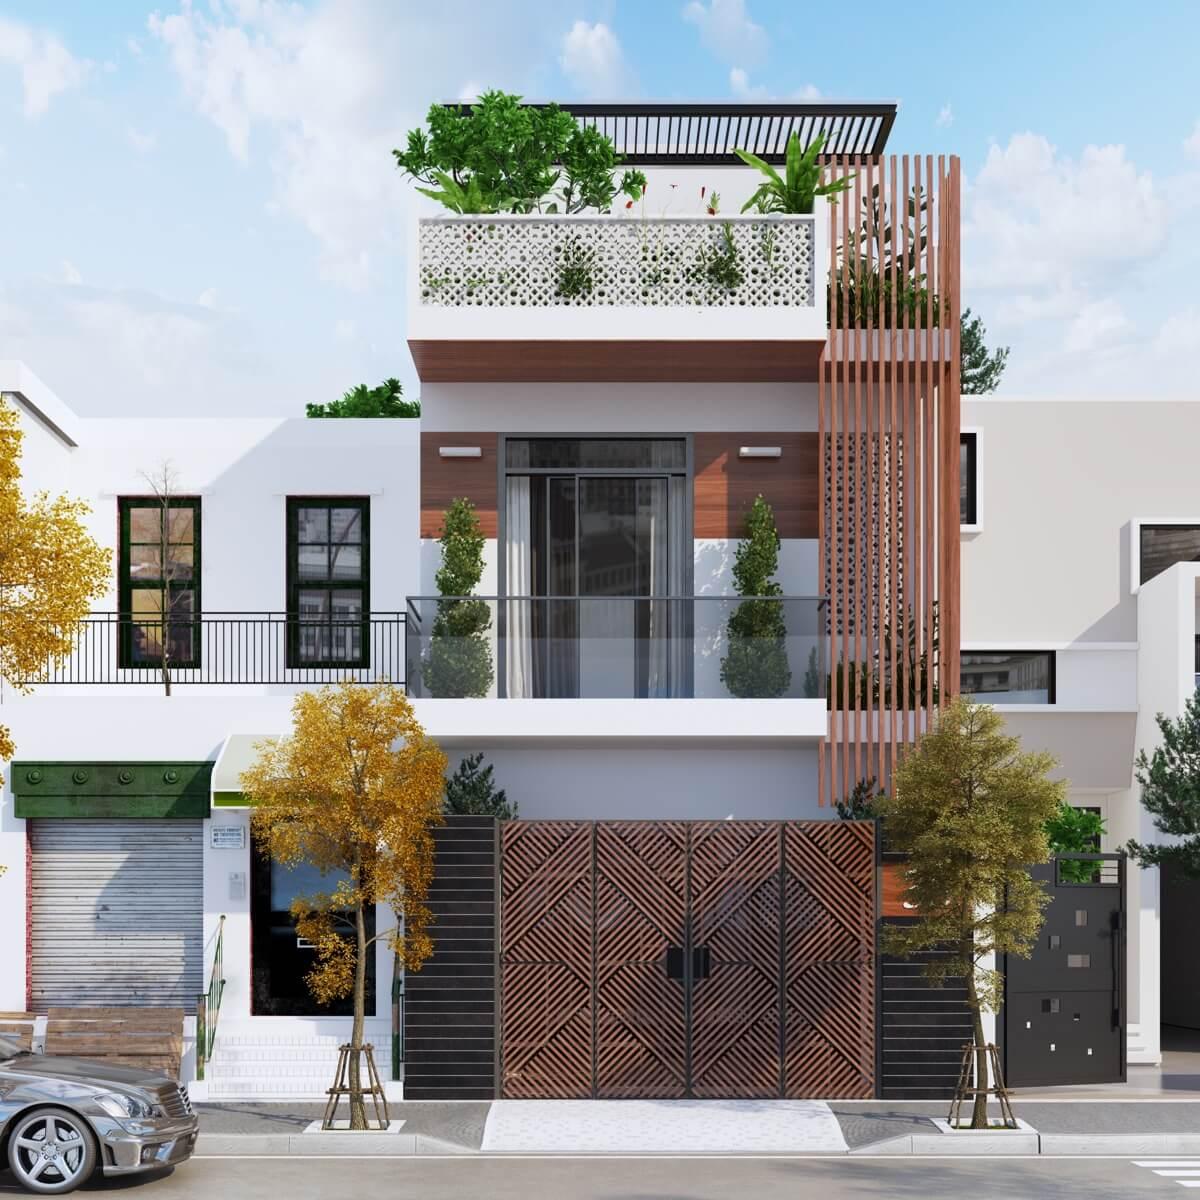 thiết kế mẫu nhà phố 3 tầng hiện đại gần gũi với thiên nhiên 11